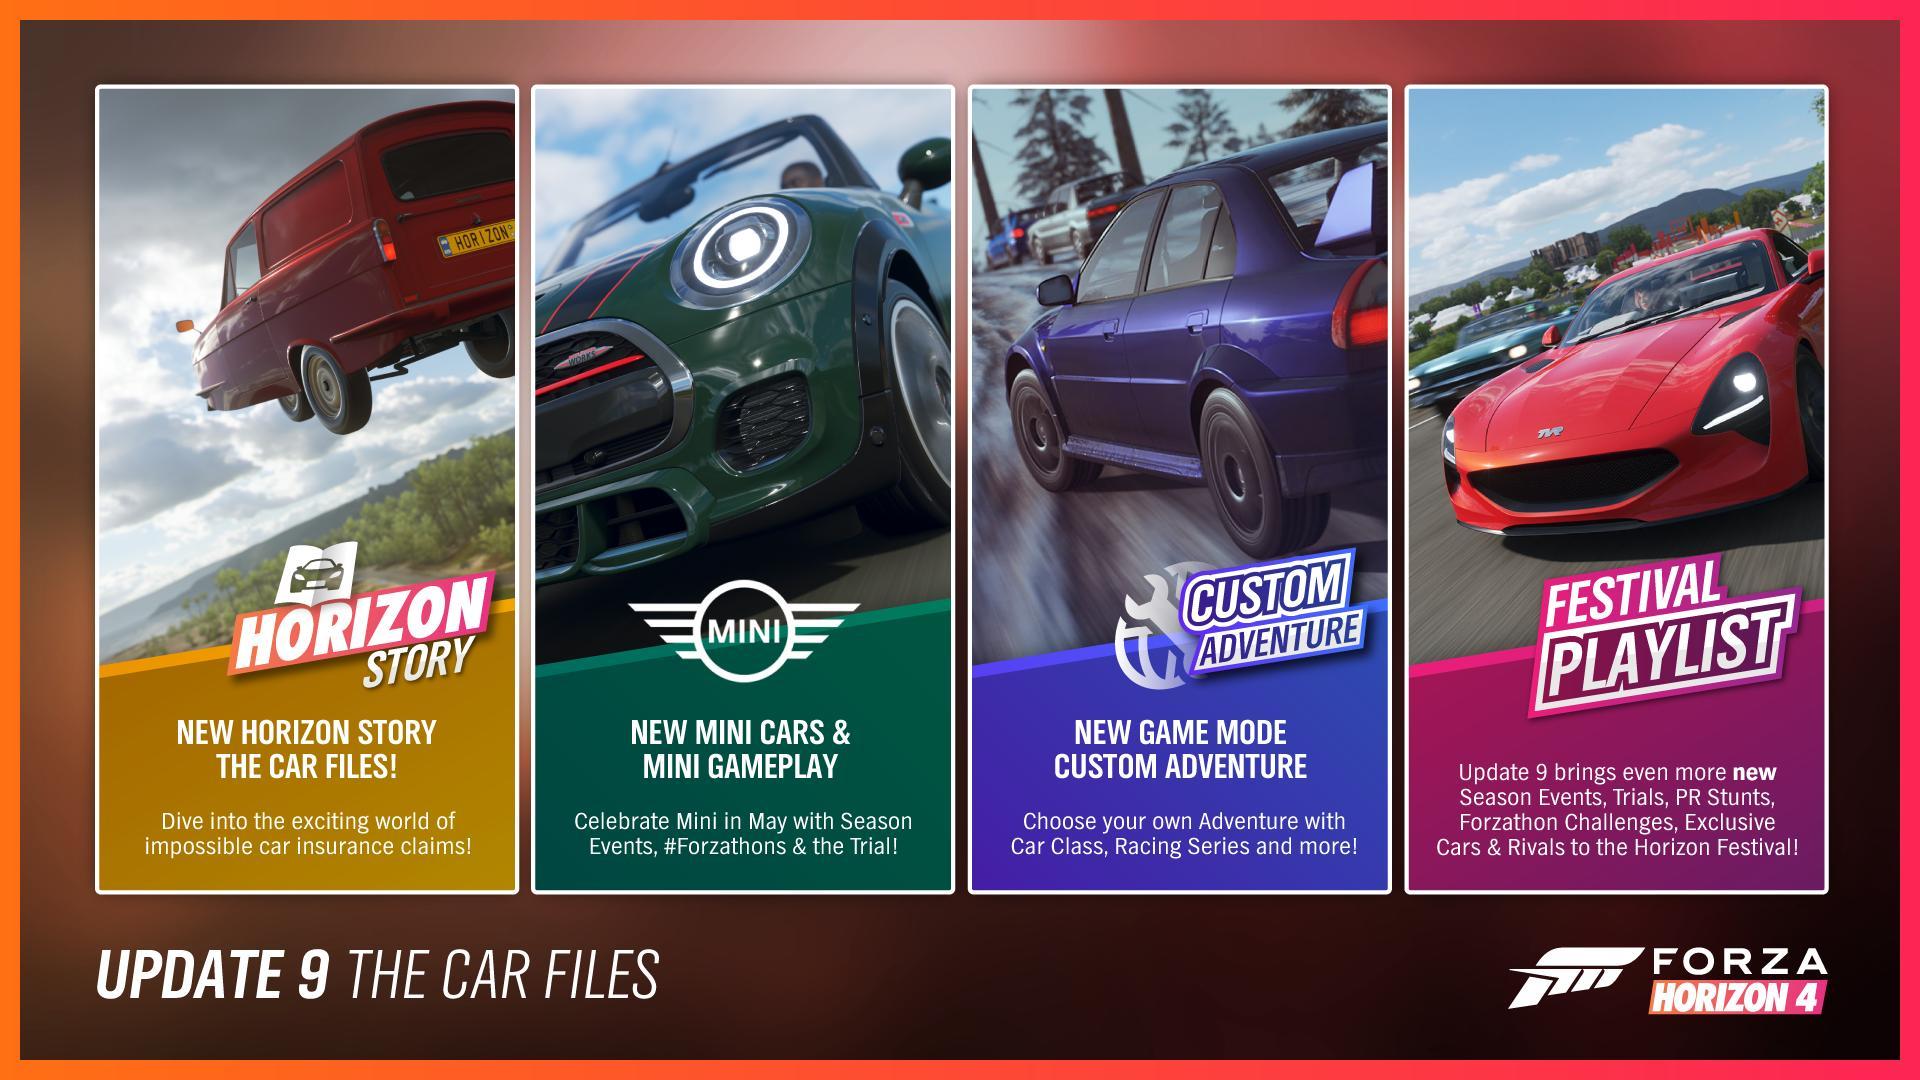 Forza Horizon 4 update 9